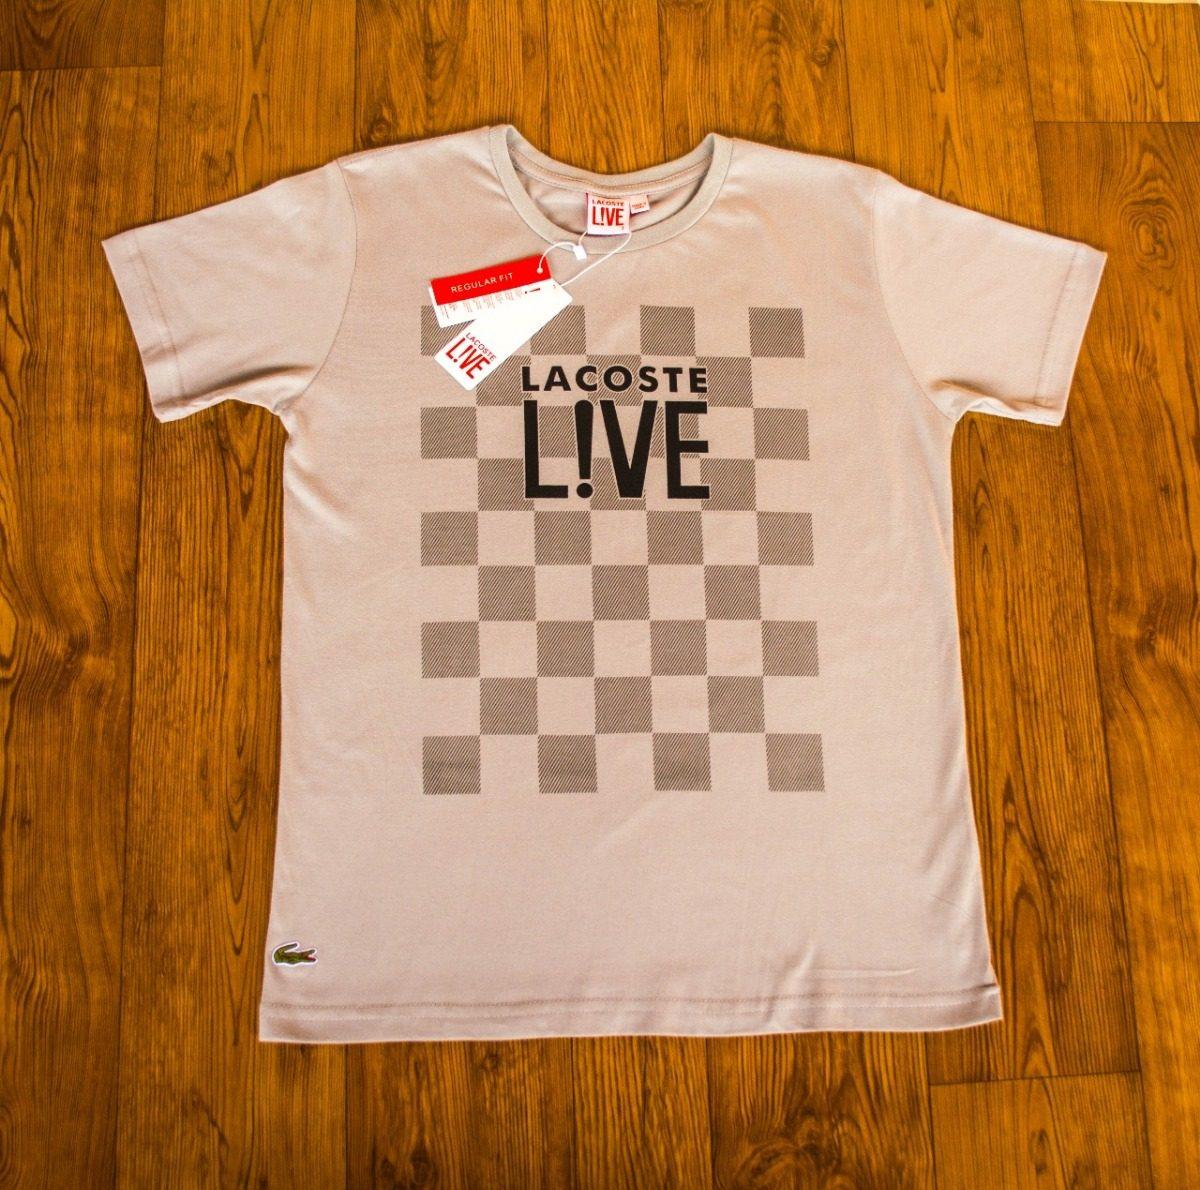 735975a71ce5c camisetas importadas marca lacoste desconto em 3 uni. Carregando zoom.